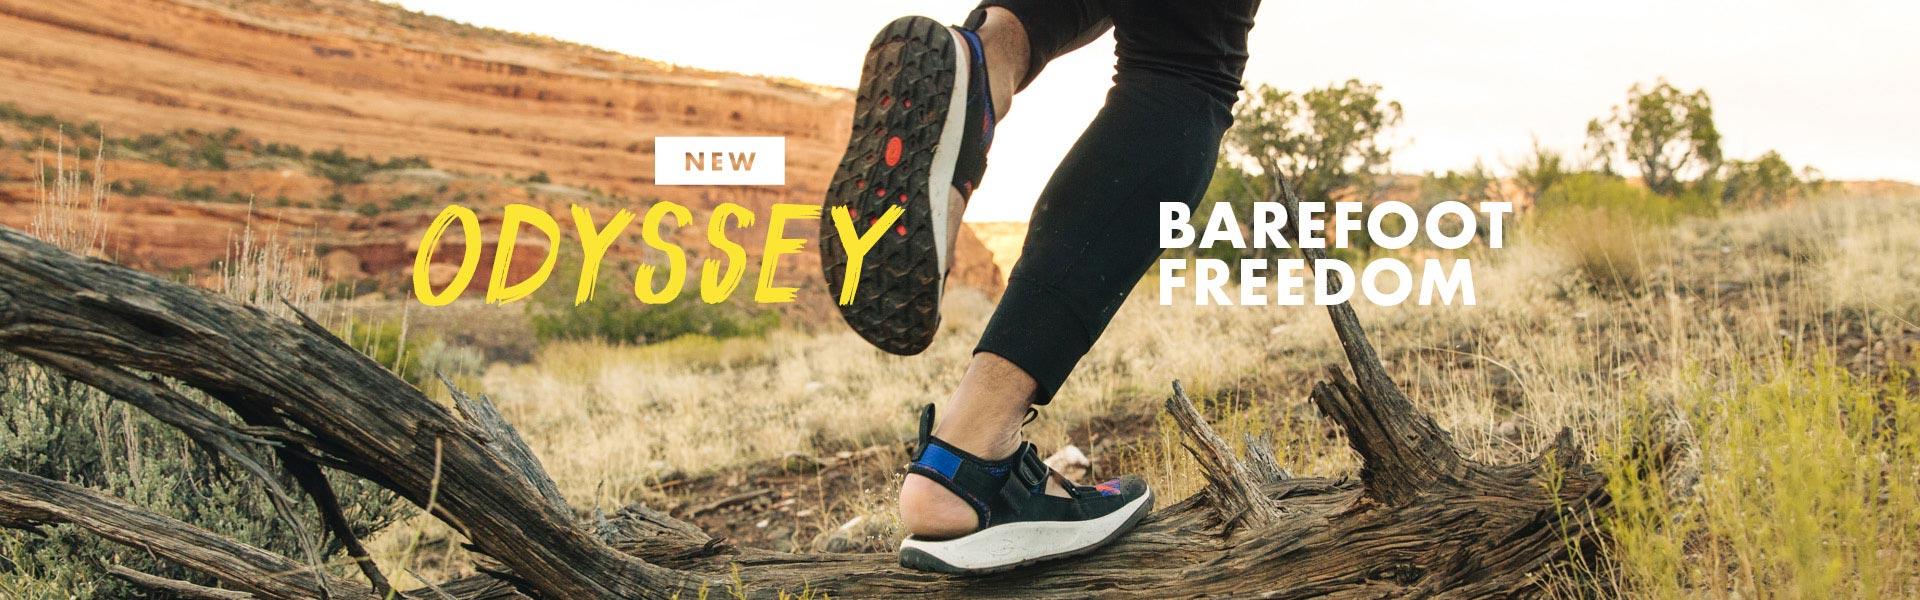 New. Odyssey. Barefoot Feedom.